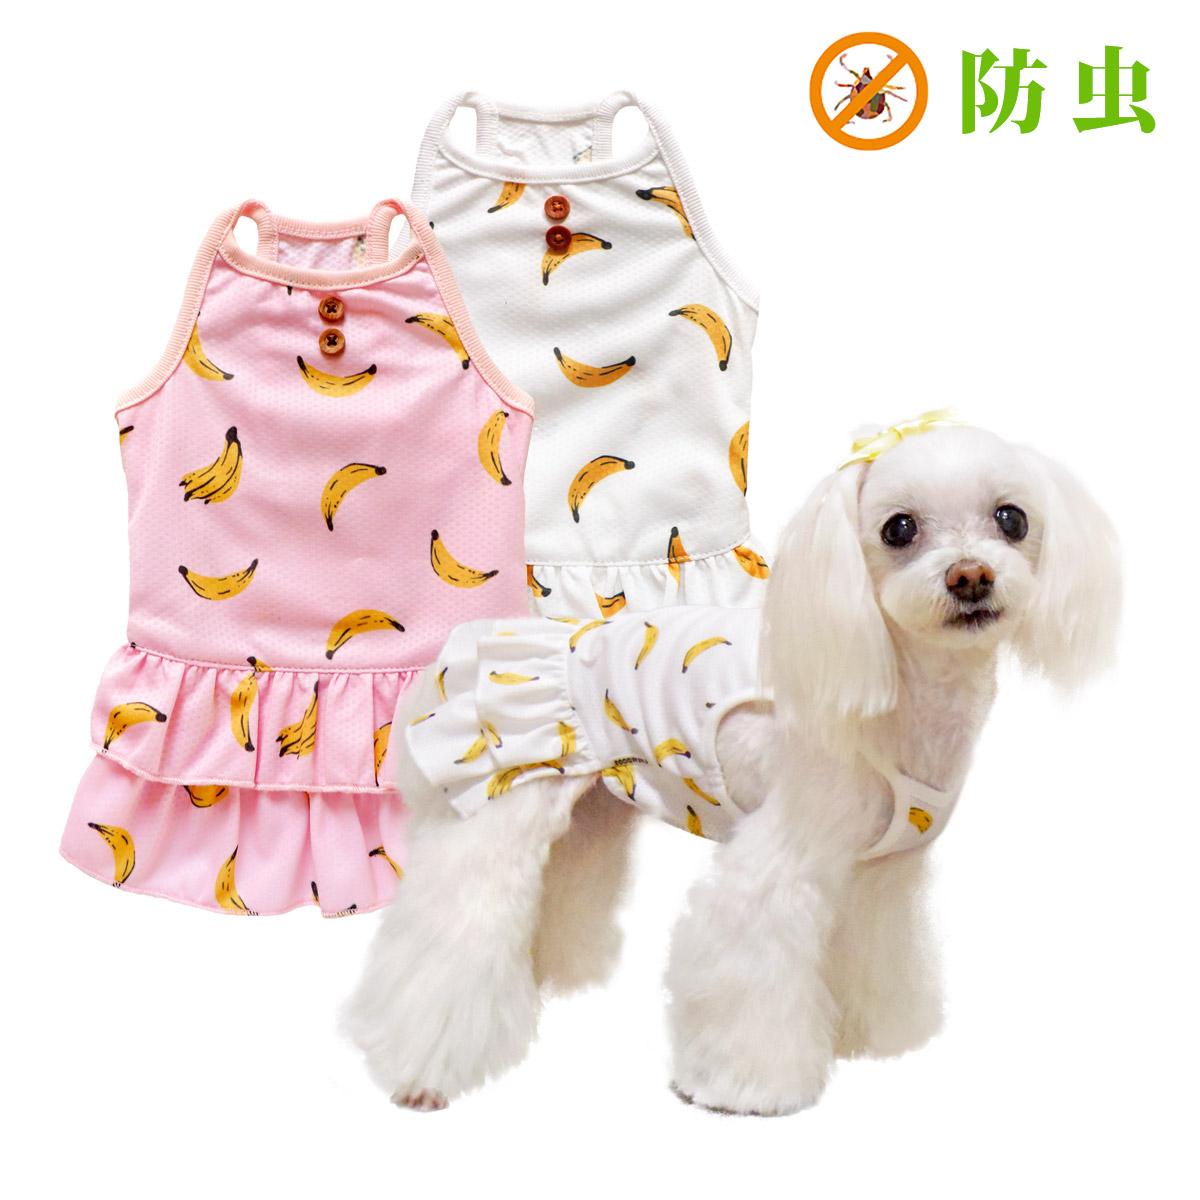 犬と生活バグガードバナナワンピ